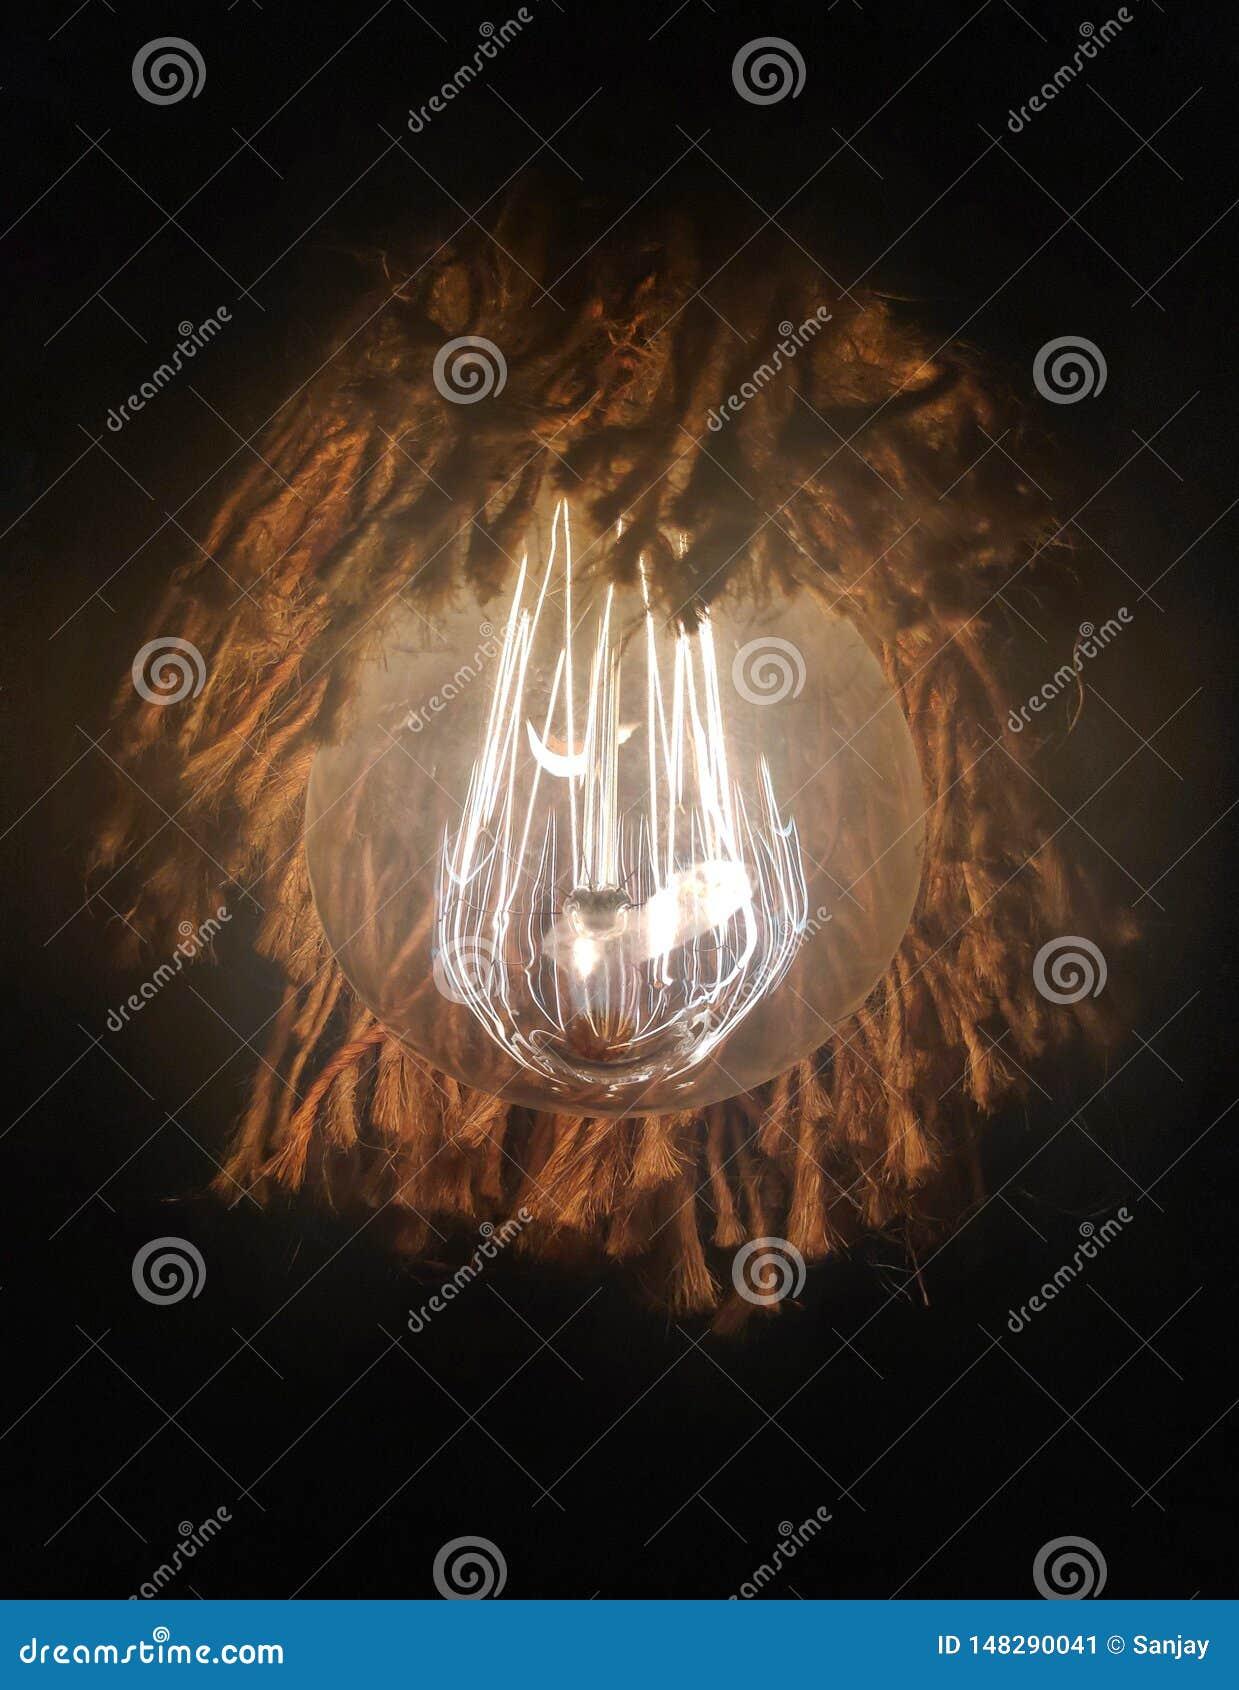 装饰电灯泡被固定在绳索里面